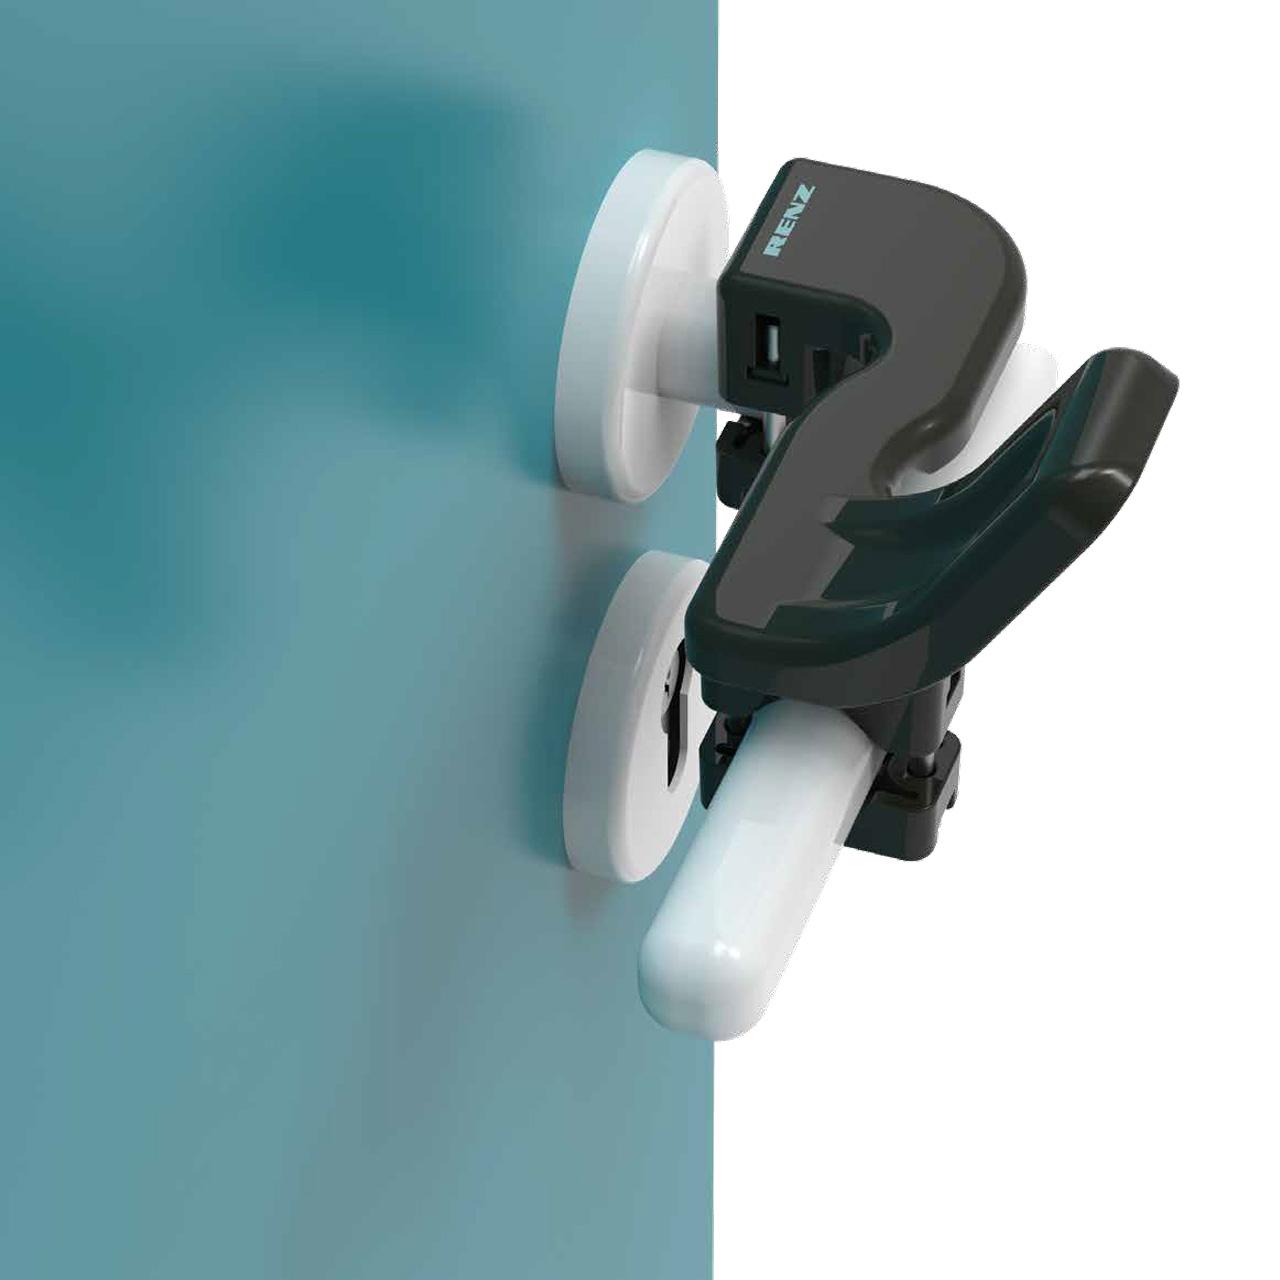 RENZ Handfrei-Hygiene-Türöffner